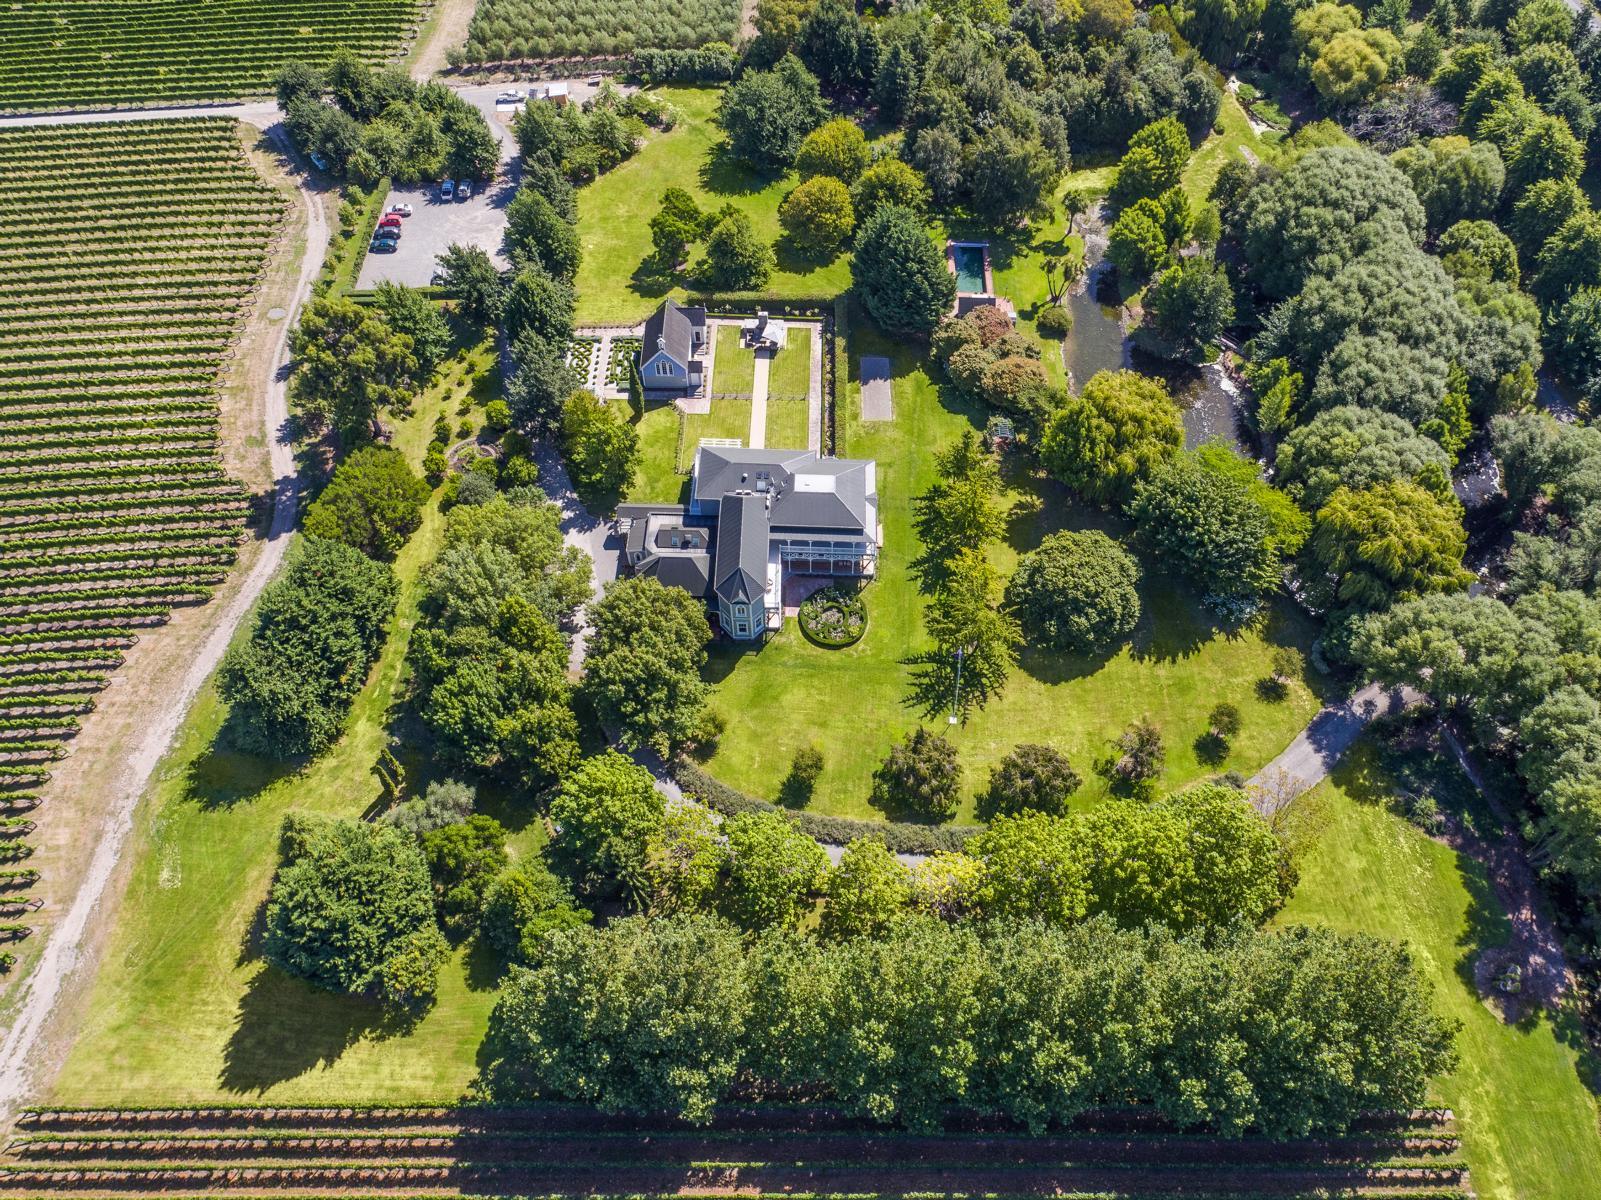 Die Marlborough Lodge in Neuseeland aus der Vogelperspektive